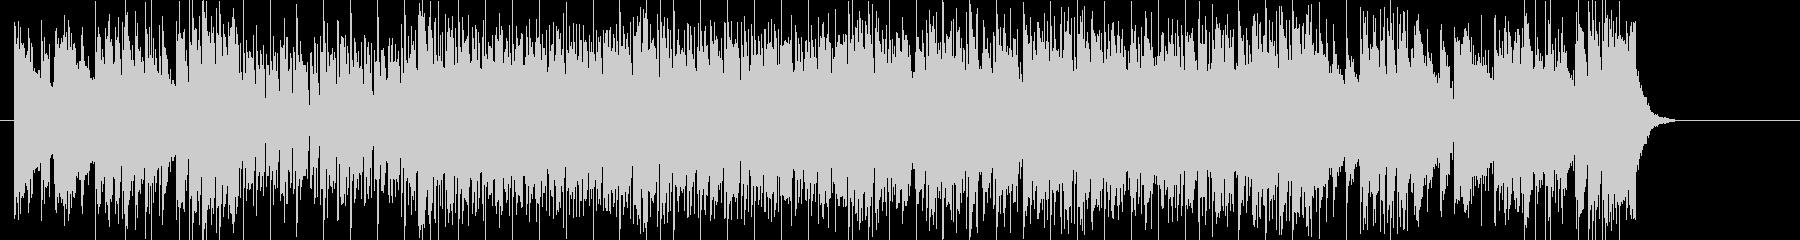 テーマ曲向けのはつらつとしたフュージョンの未再生の波形